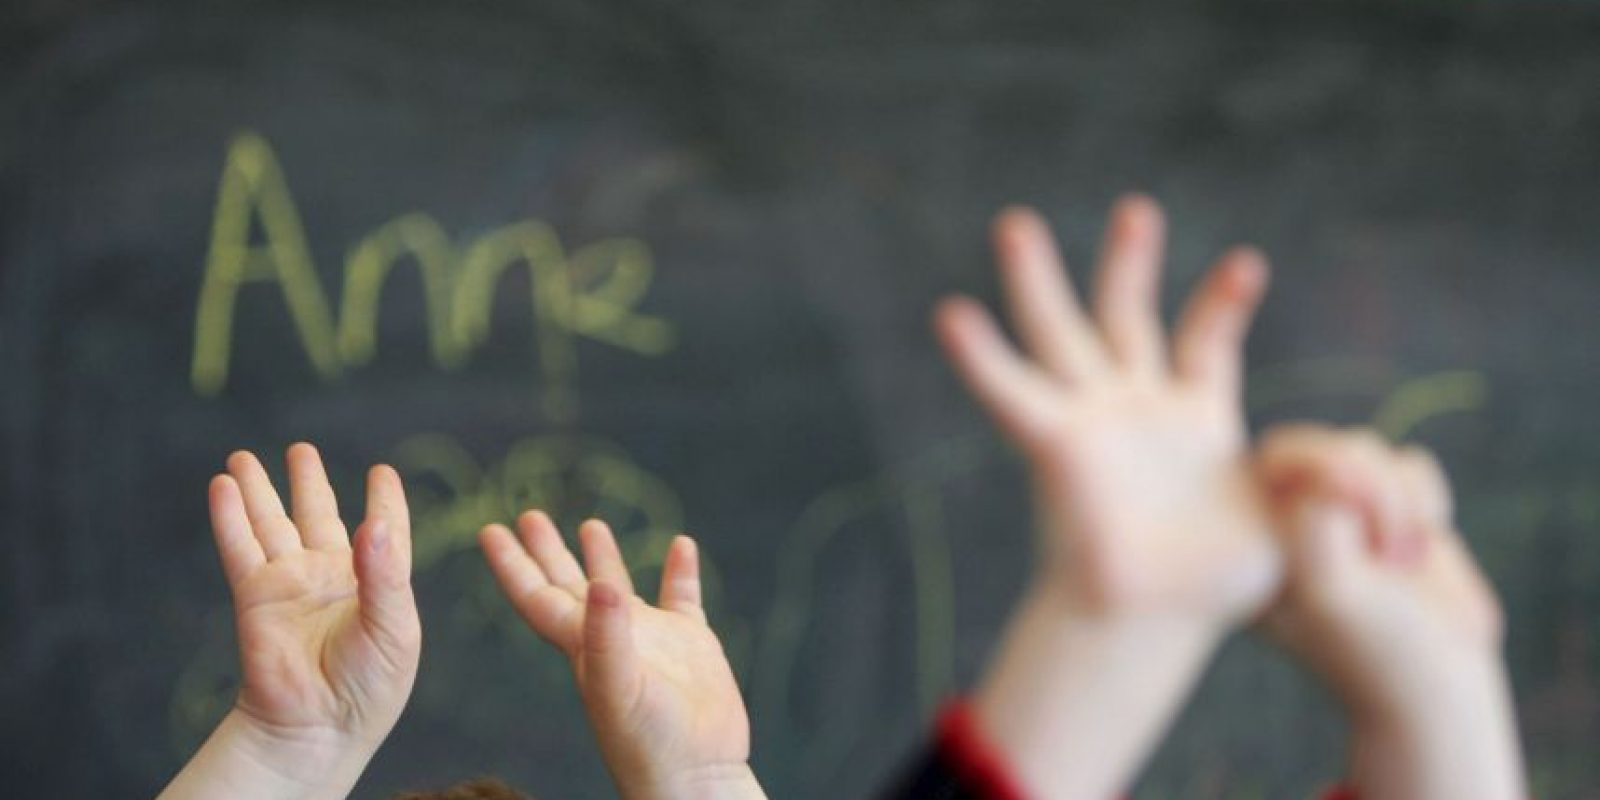 De acuerdo con la ONU, una cuarta parte de todos los adultos manifiesta haber sido víctima de maltrato físico cuando eran niños. Foto:Getty Images